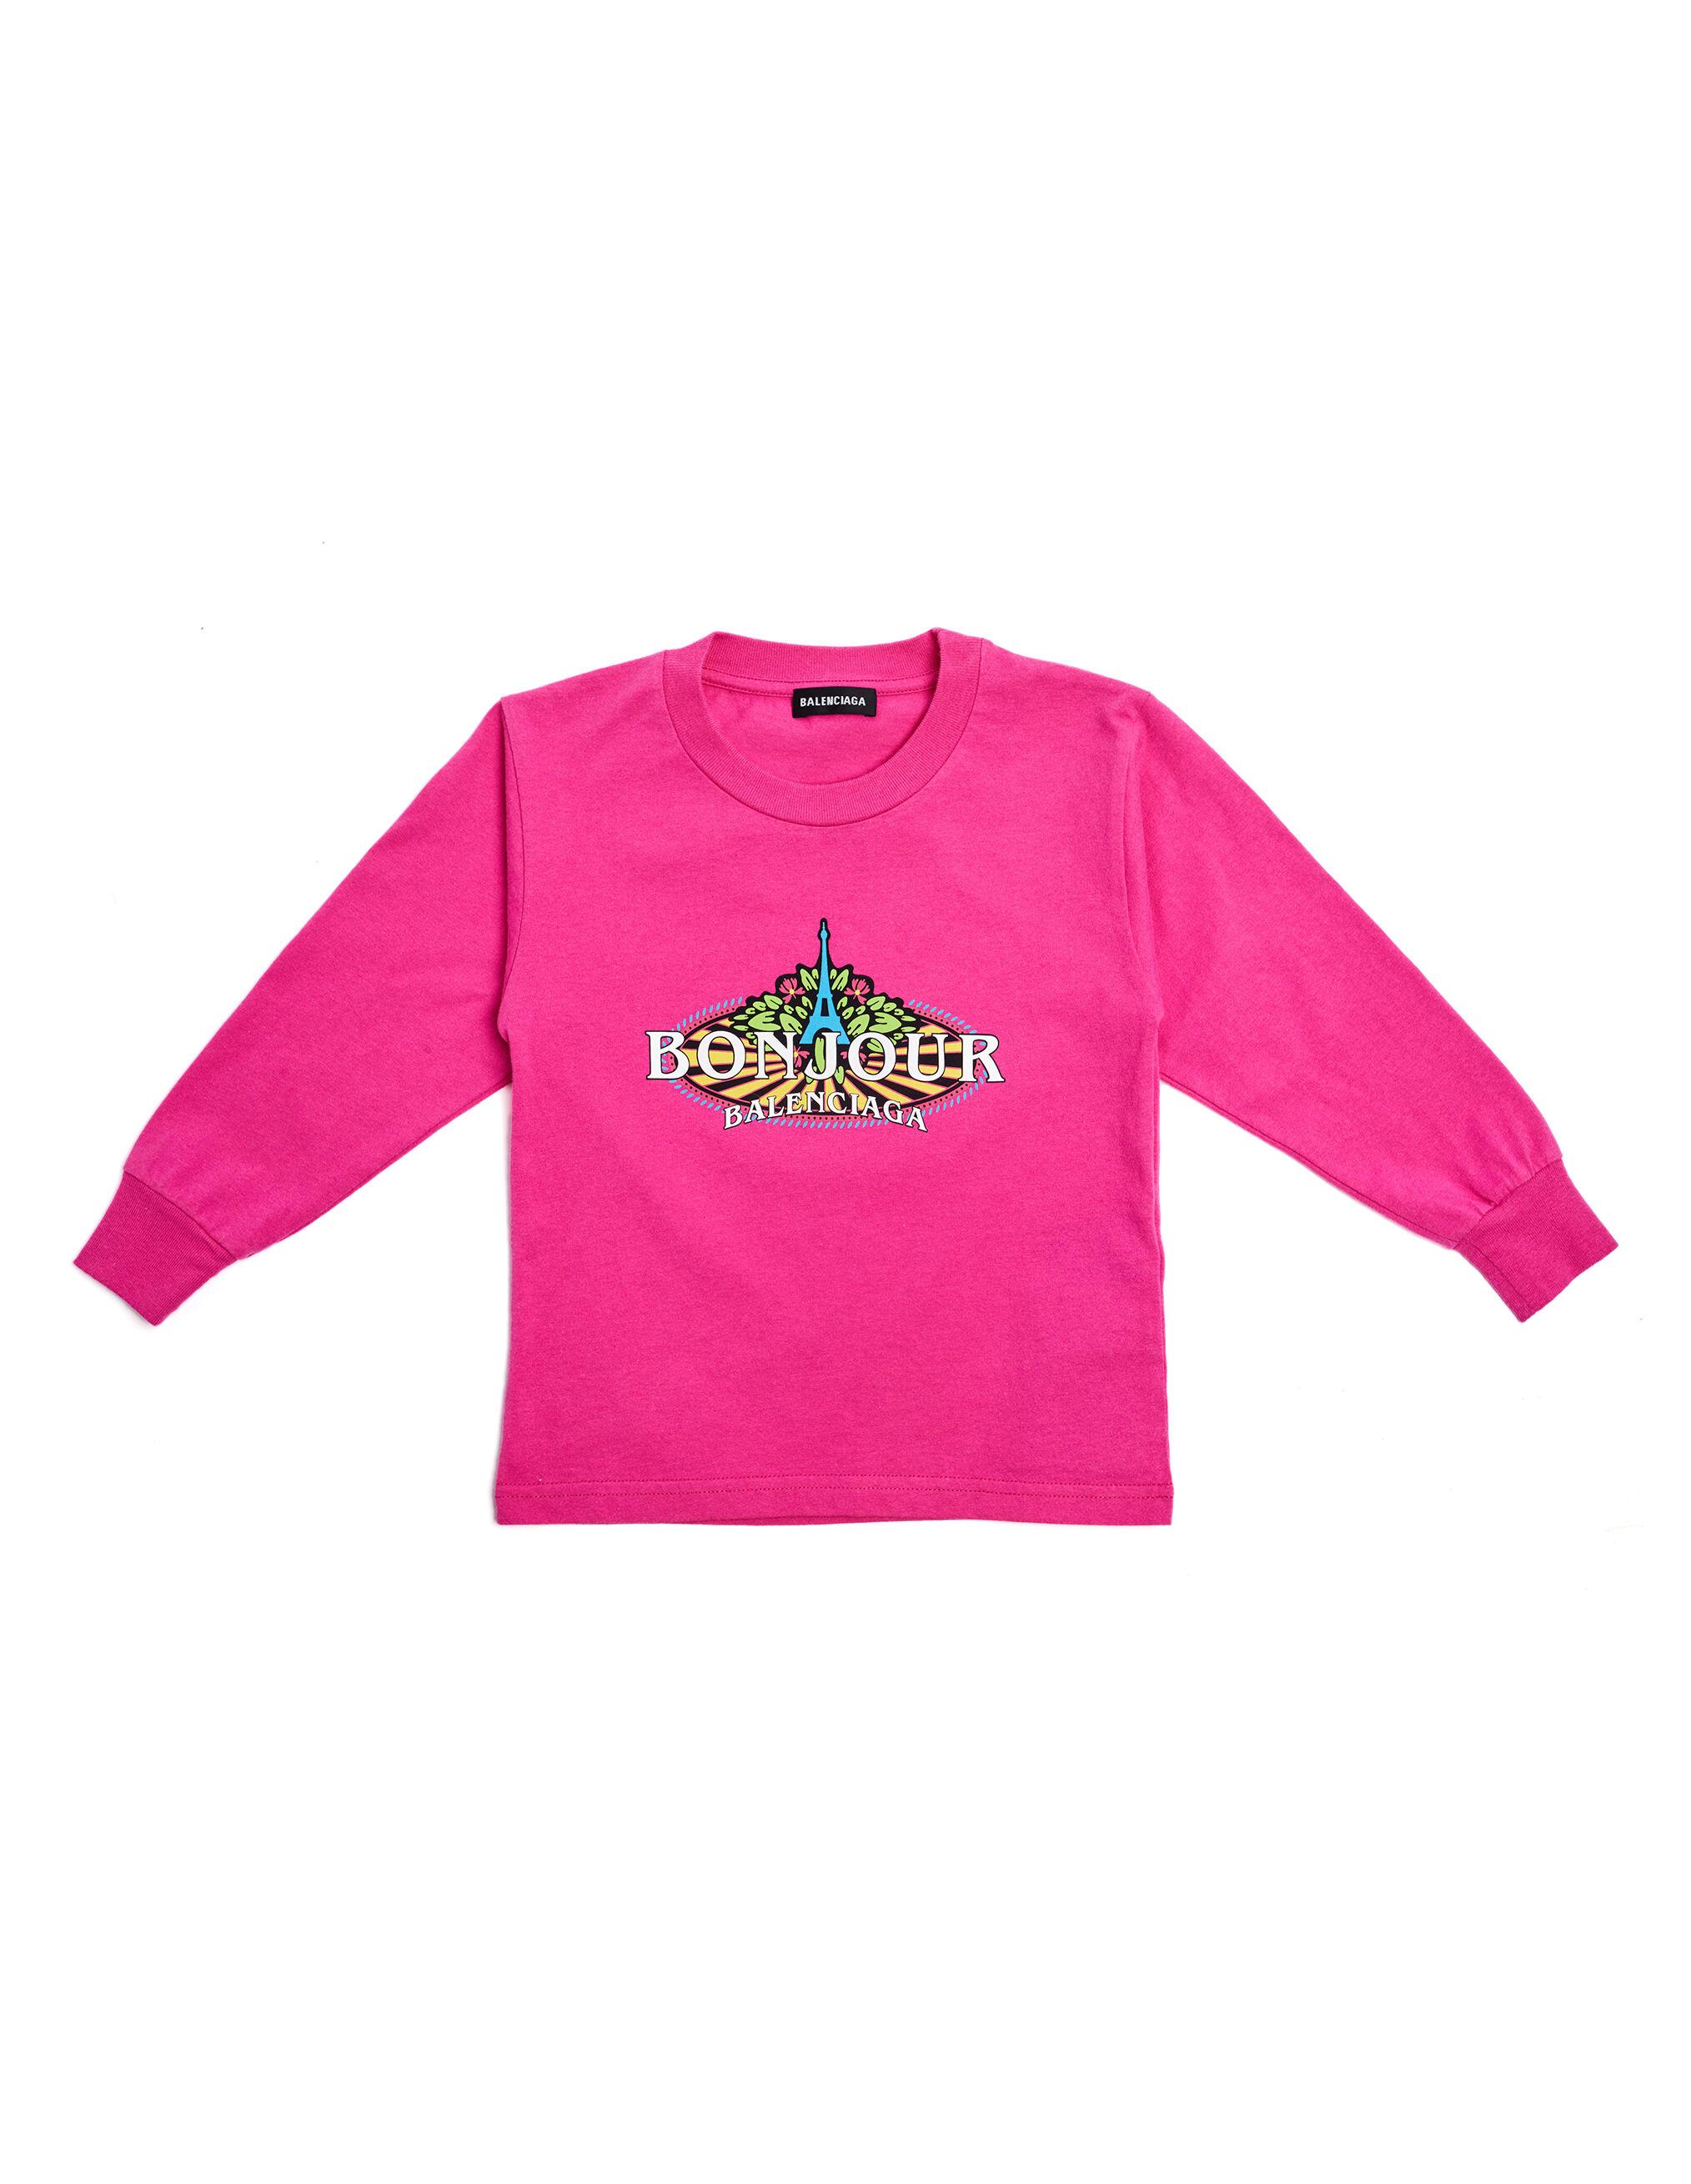 Balenciaga Kids Pink Cotton Bonjour L/S T-Shirt- male, 4; Pink